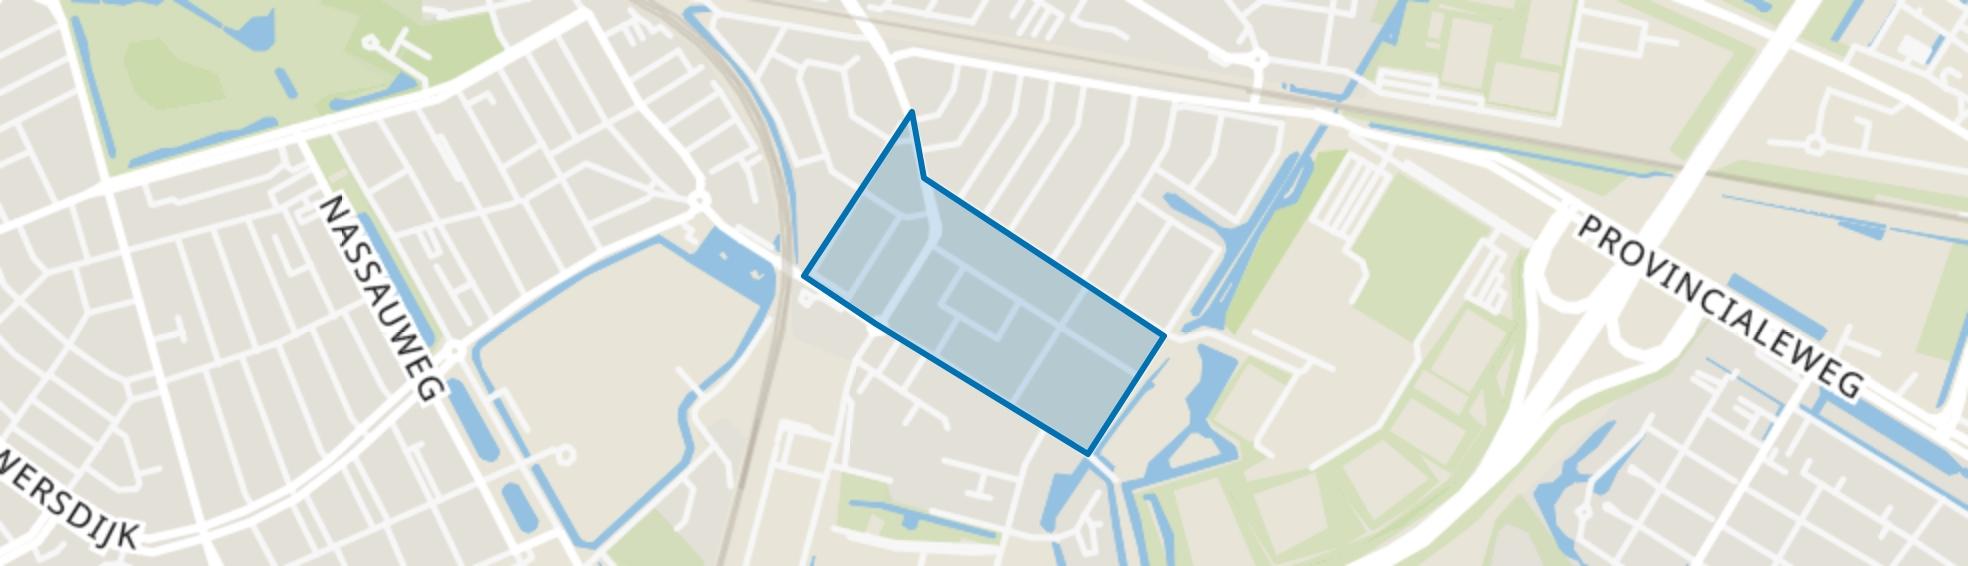 Heysterbachstraat en omgeving, Dordrecht map